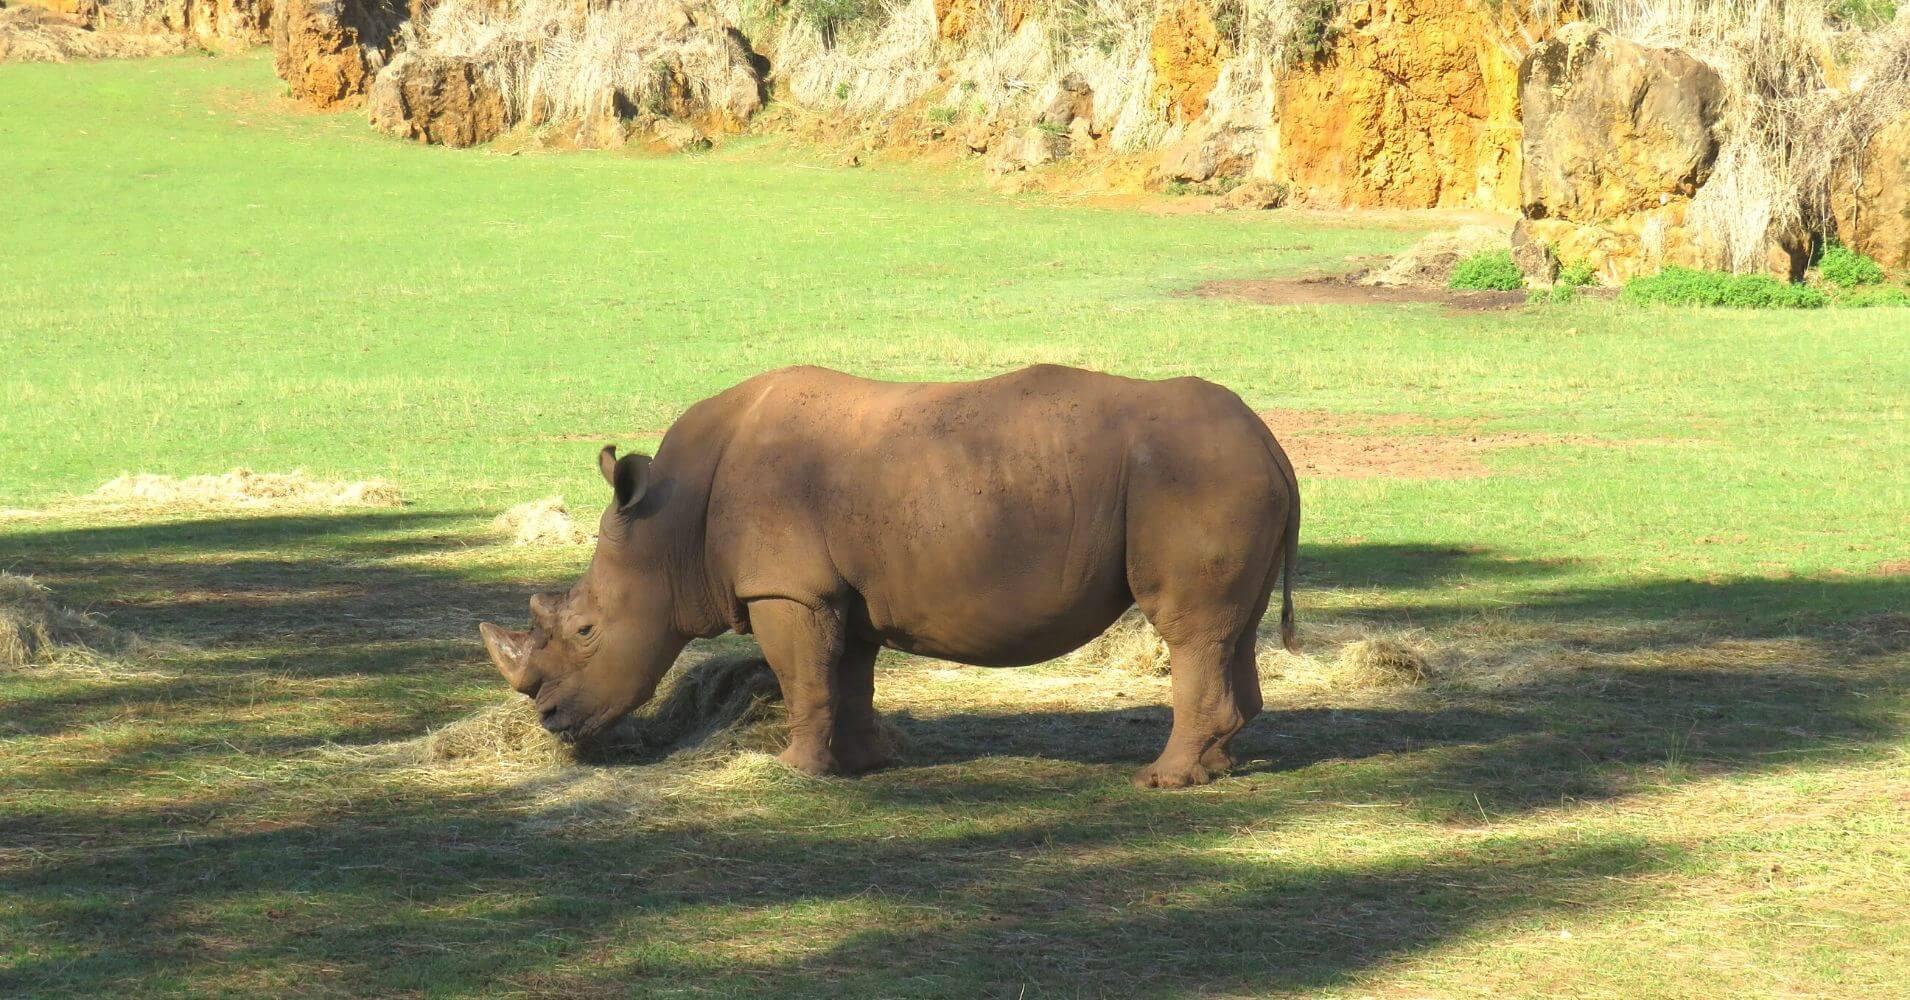 Rinoceronte en el Parque de la Naturaleza de Cabárceno. Obregón. Cantabria.